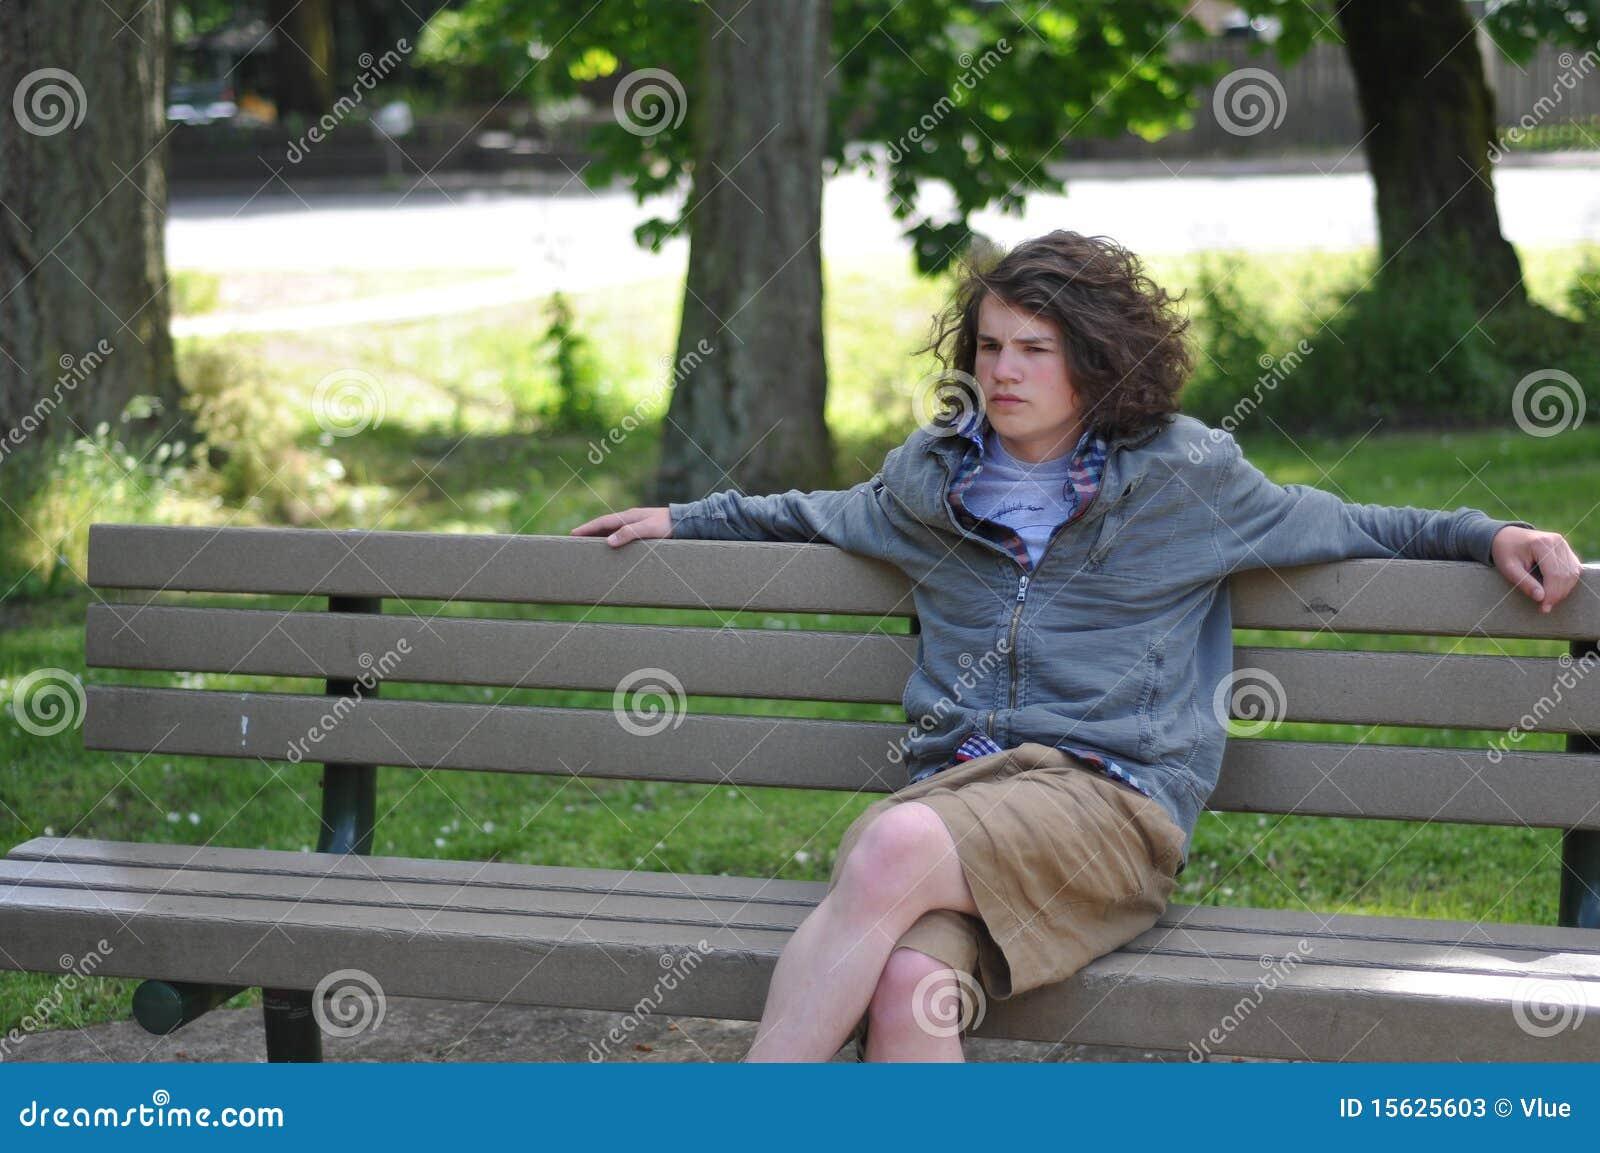 La juventud sin hogar se sienta en banco